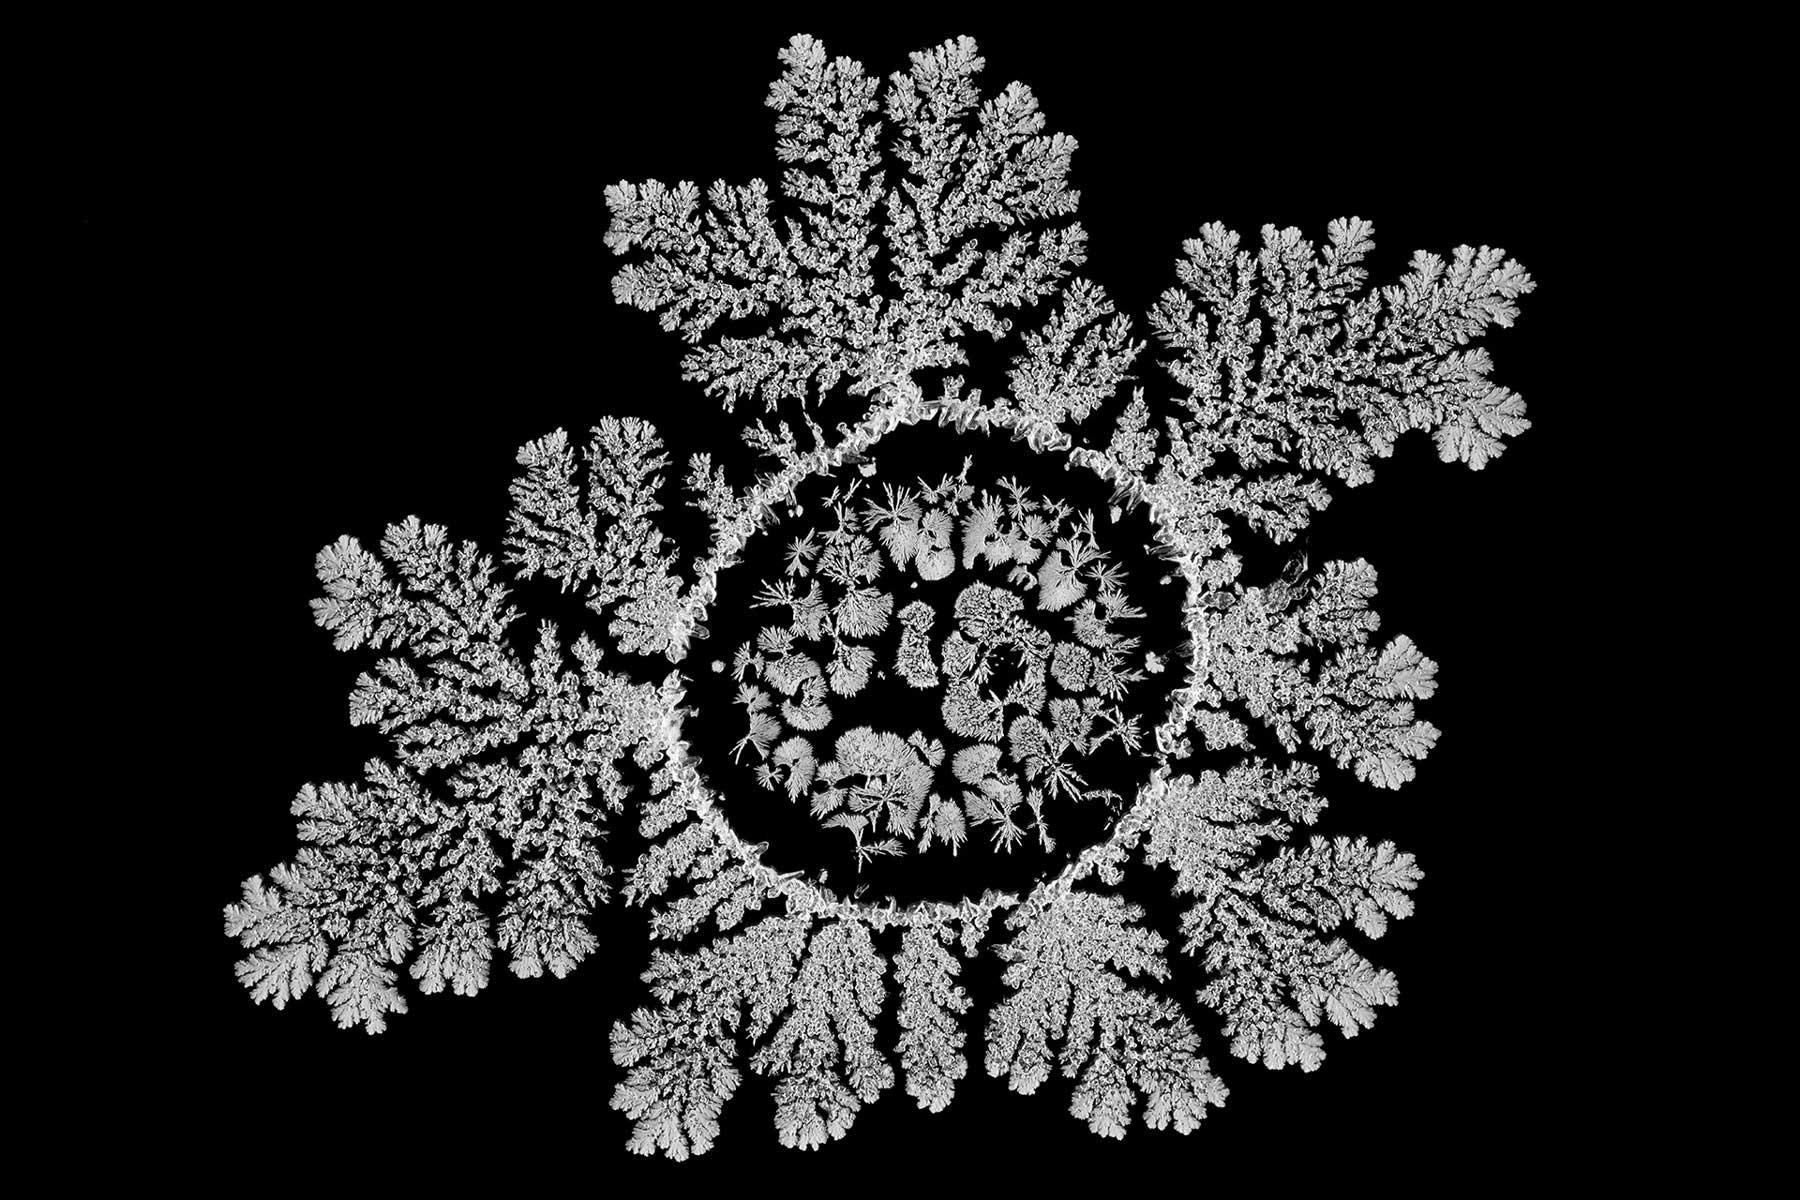 Wunderschöne Salz-Kristallisations-Muster